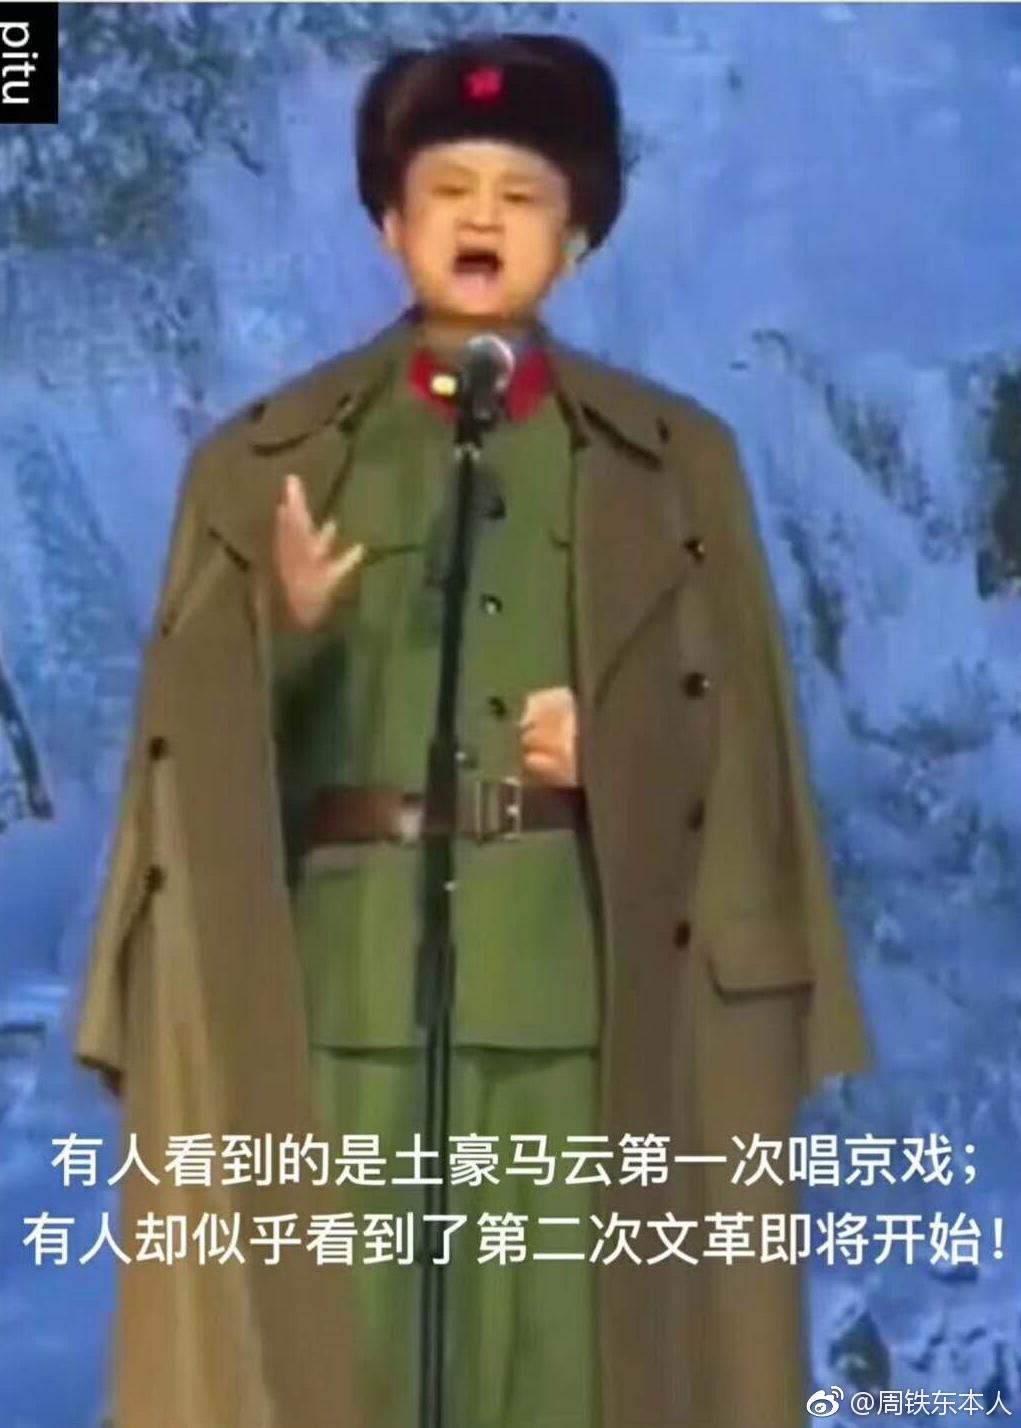 【河蟹档案】马云唱京戏或是第二次文革即将开始?